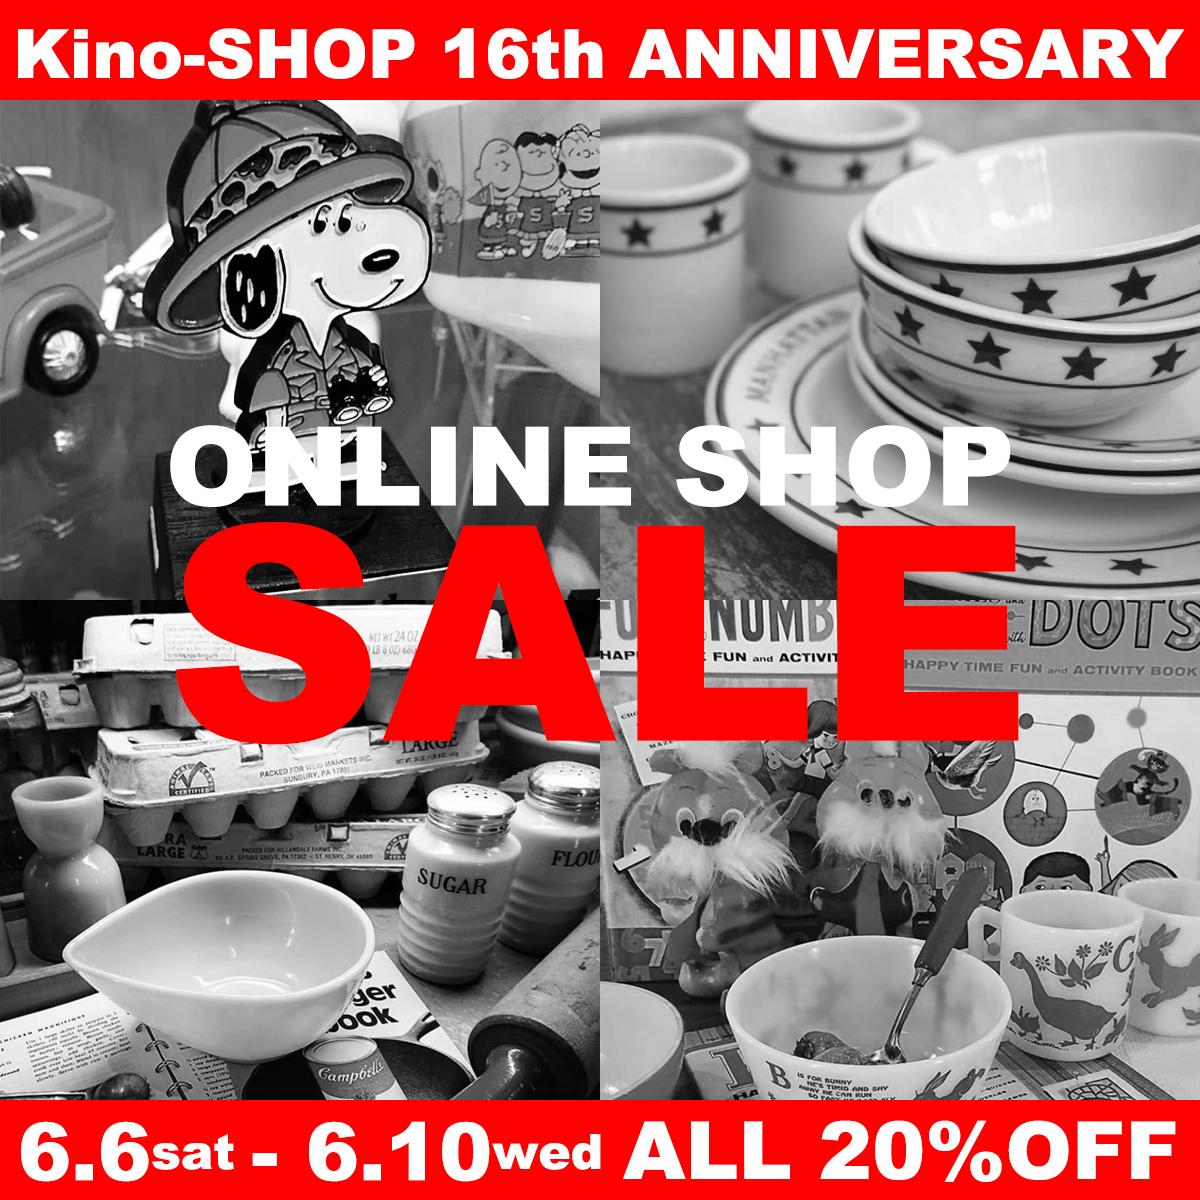 オンラインショップKino-SHOP16周年 20%OFFセール!